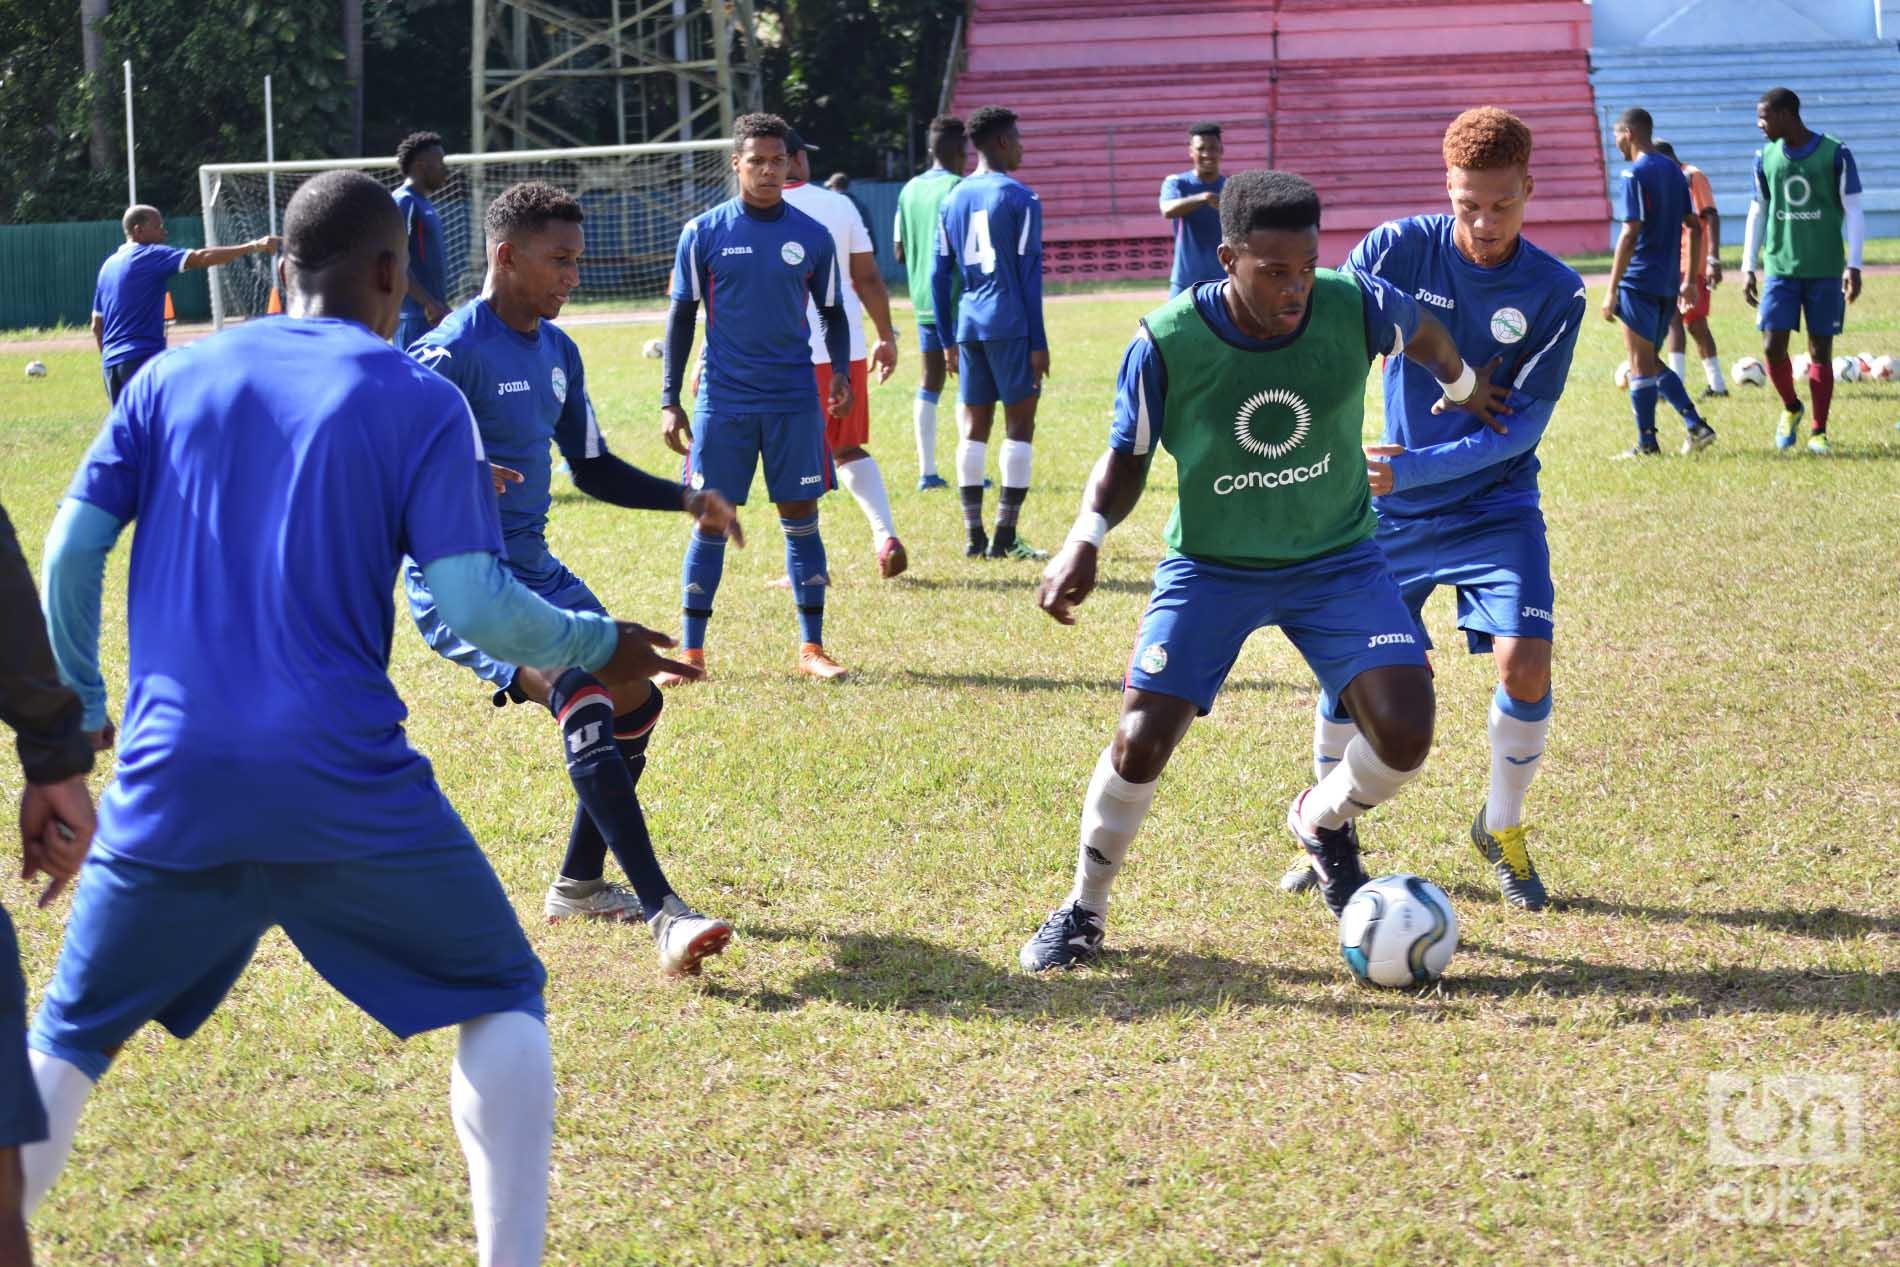 Entrenamiento de la selección cubana de fútbol para la Copa de Oro 2019. Foto: Otmaro Rodríguez.